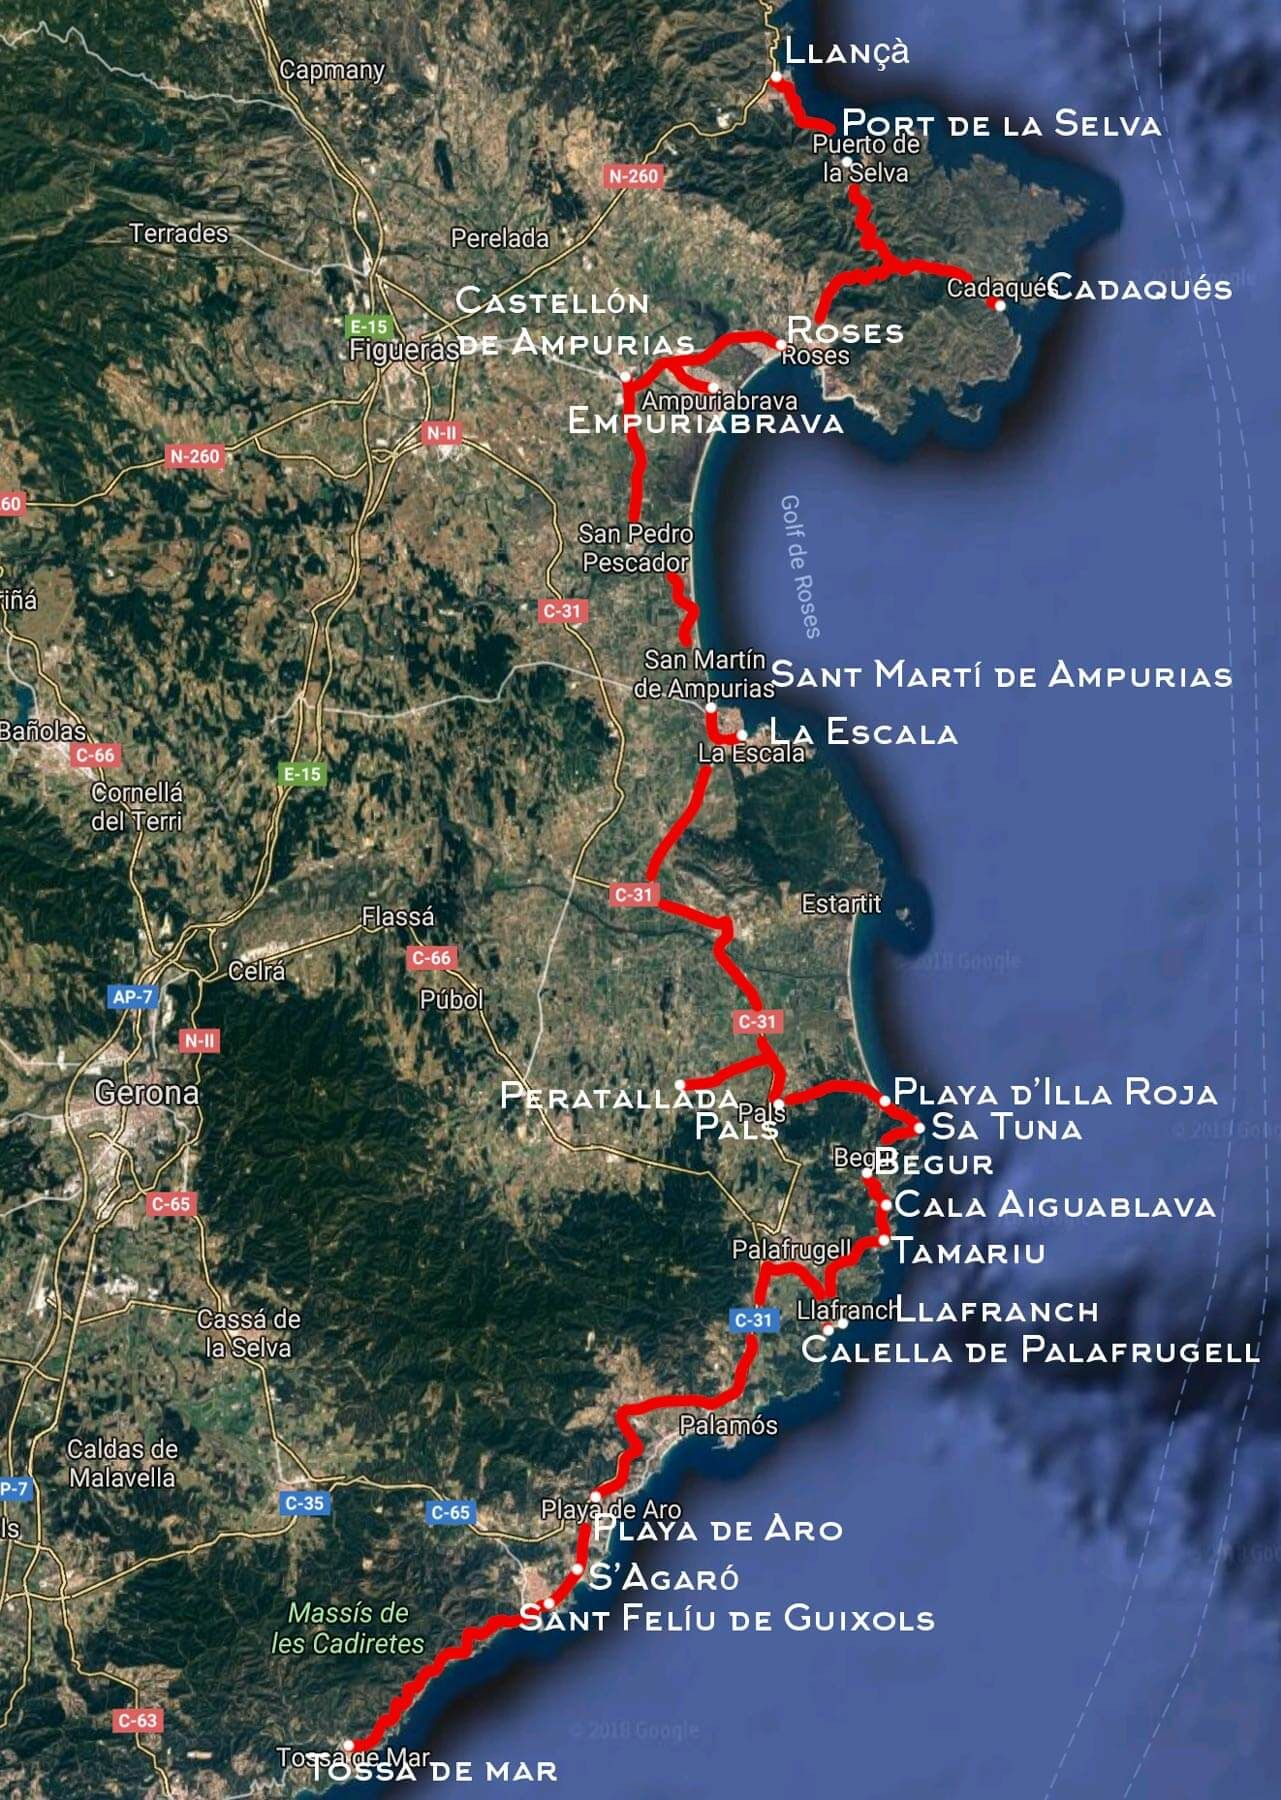 Costa Brava Espana Mapa.17 Pueblos De La Costa Brava Que Van A Enamorarte